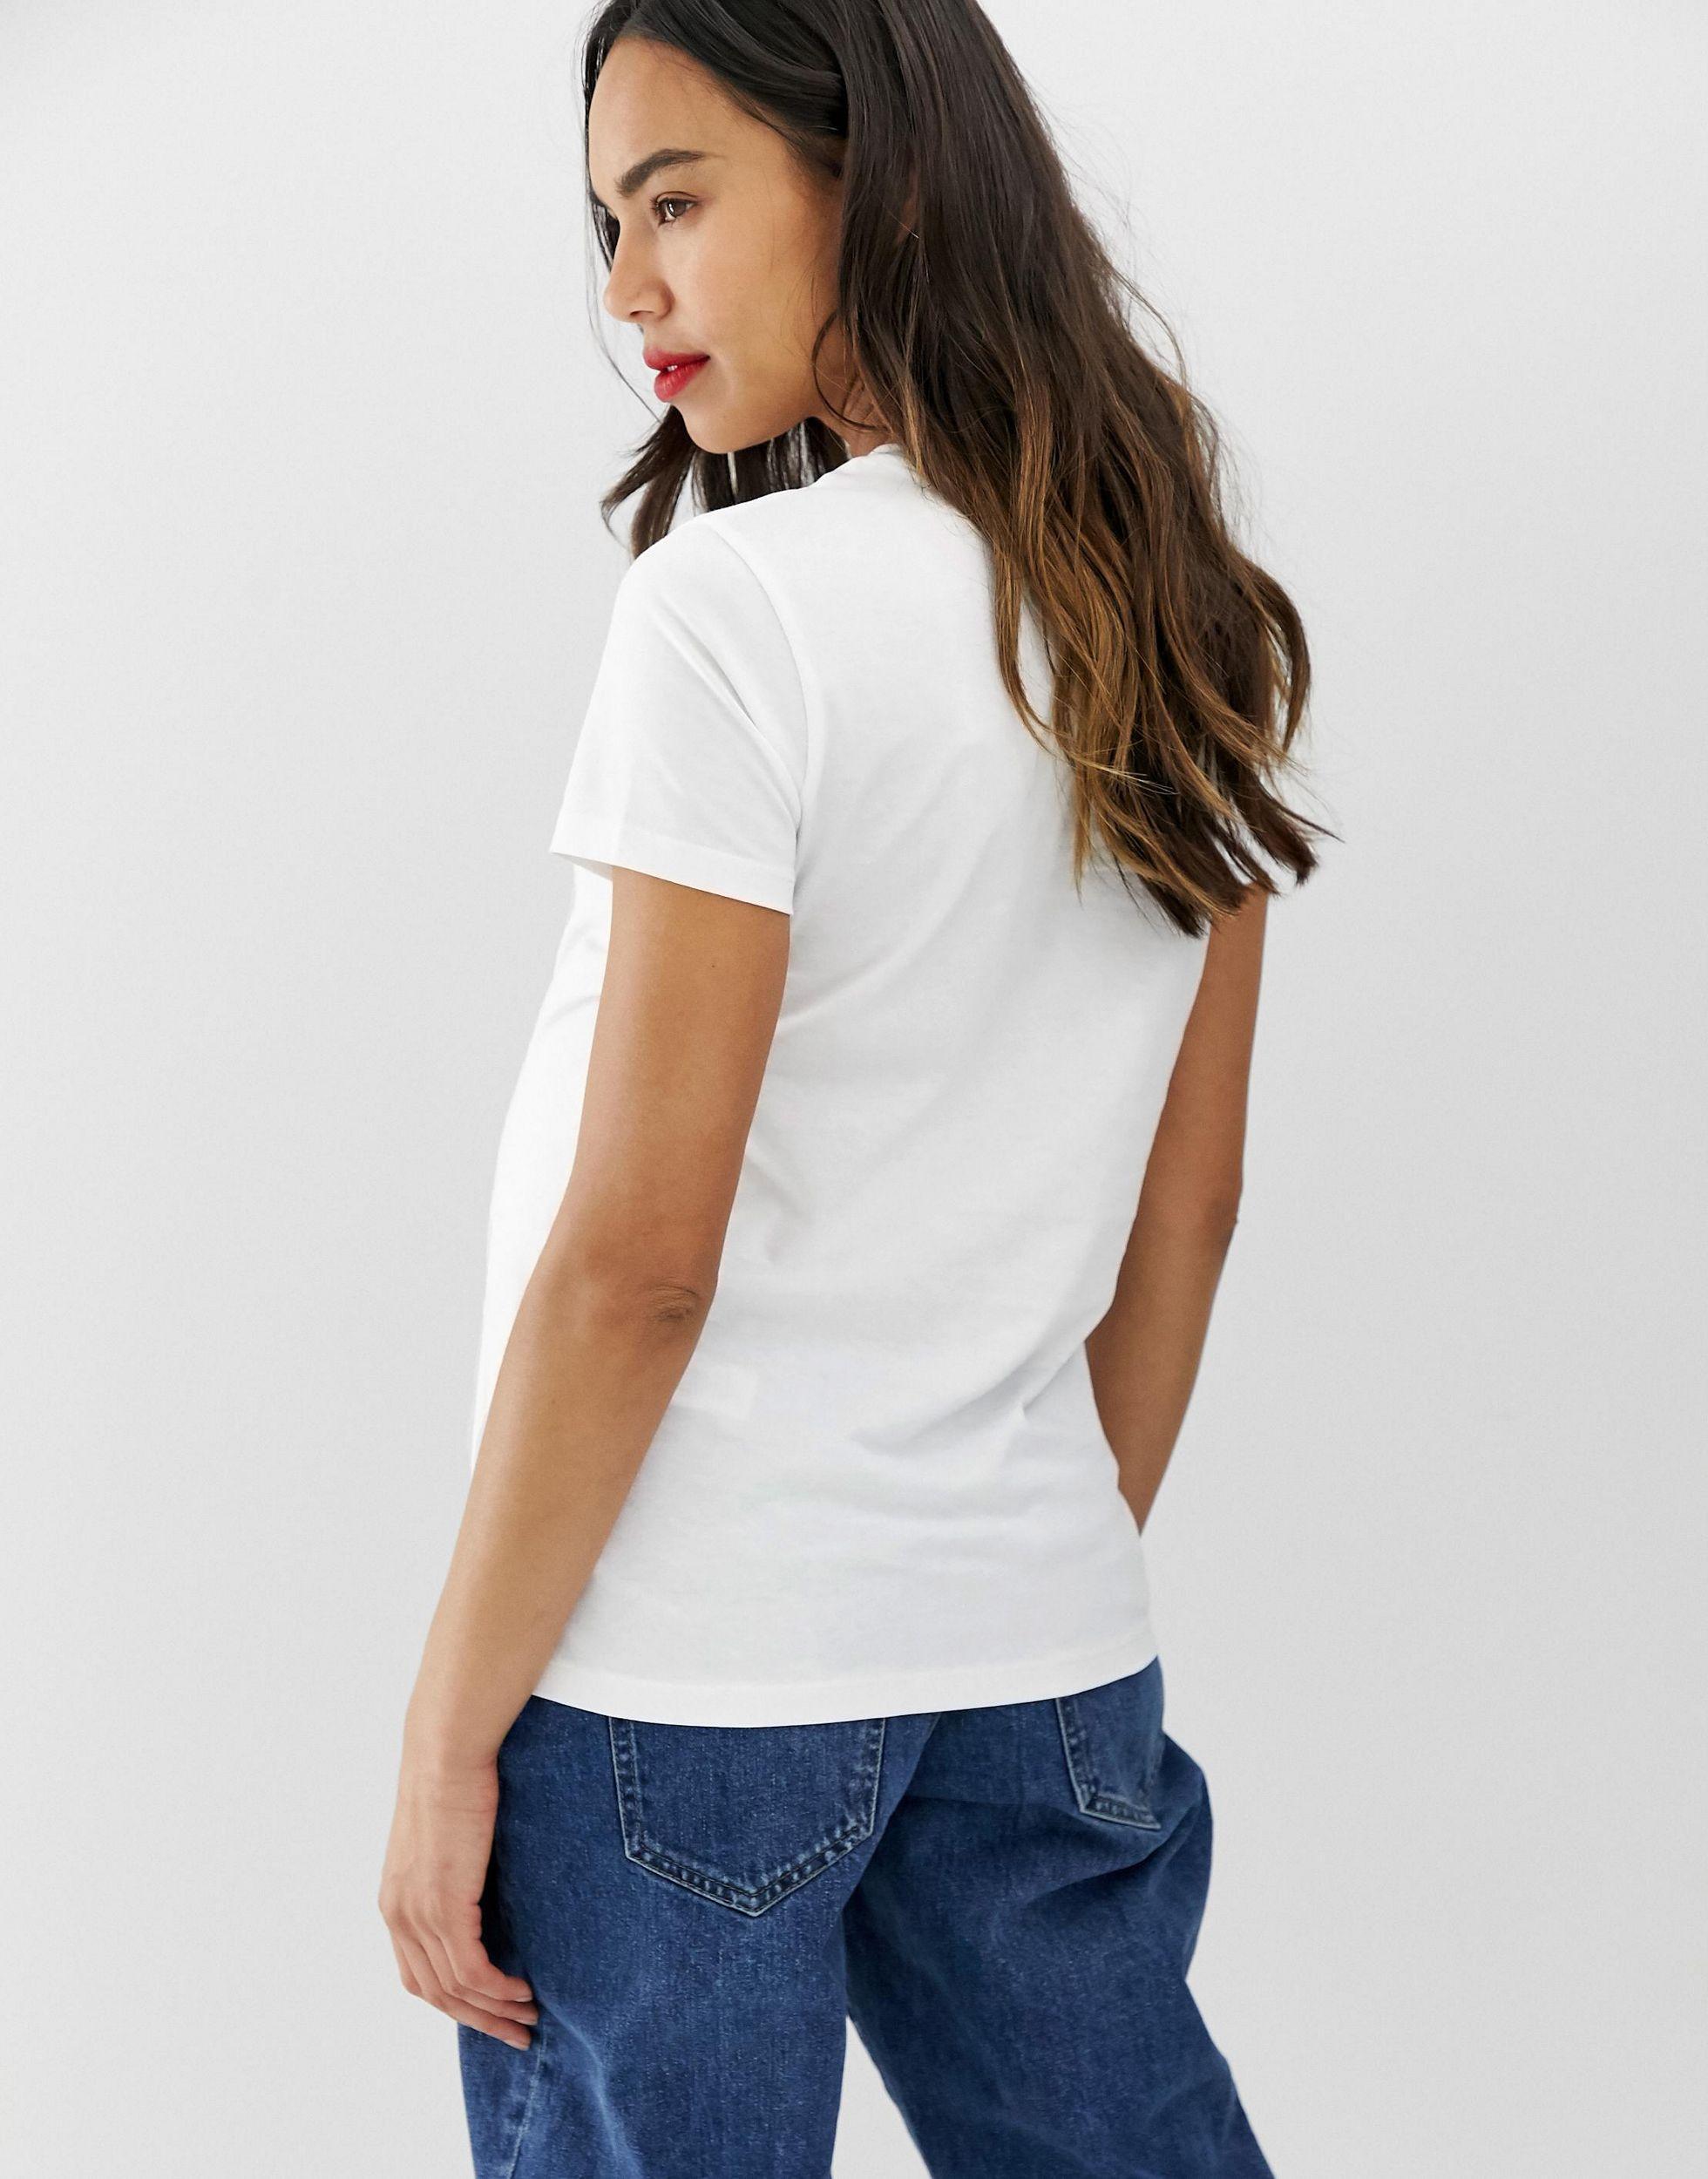 ASOS DESIGN Maternity - Ultimate - T-shirt ras Jean ASOS en coloris Blanc